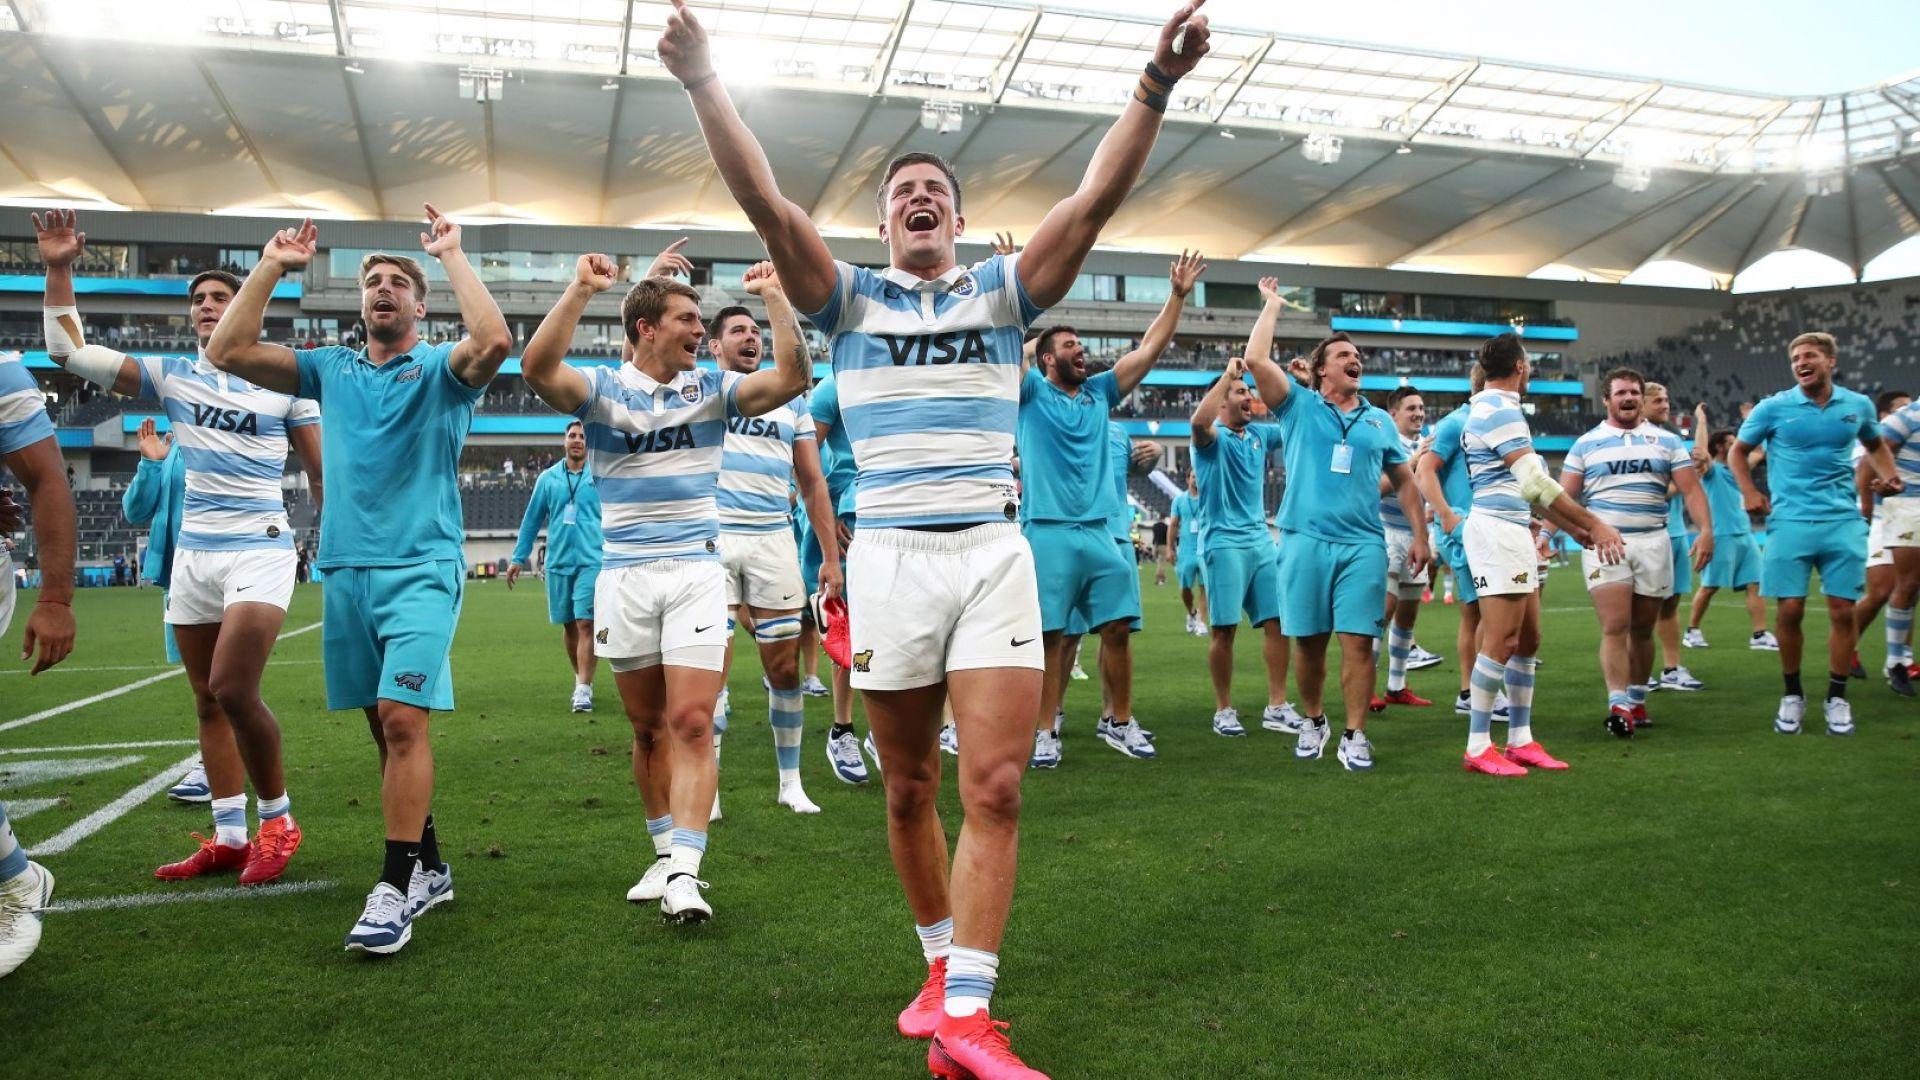 Аржентина шокира света на спорта с историческа първа победа над могъщите Ол Блекс